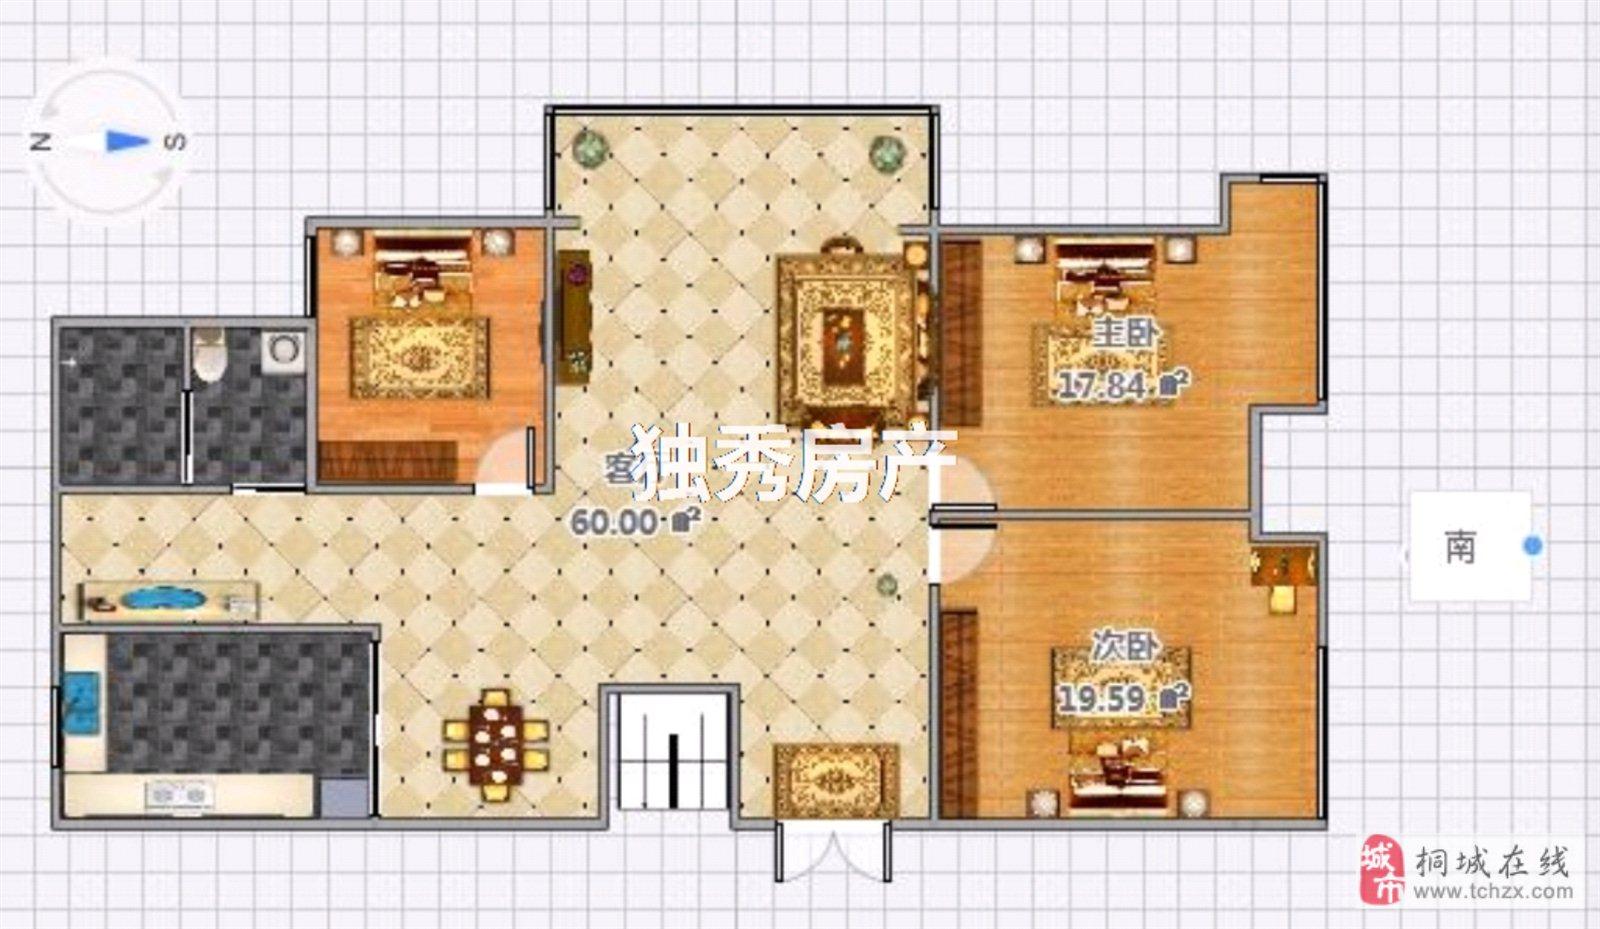 出售金瑞名城精装修3室2厅88万元近学校